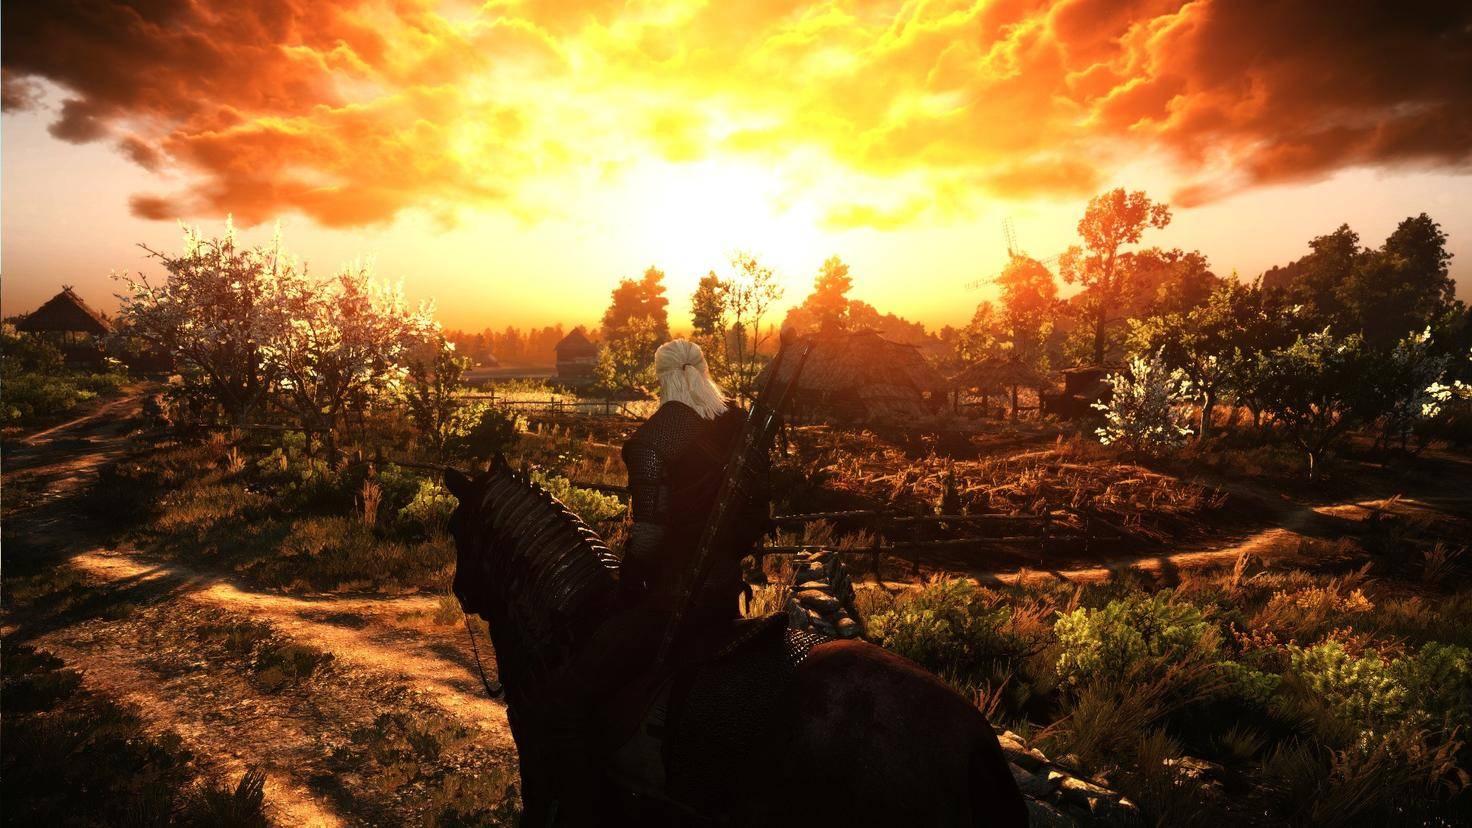 """Du wolltest schon immer in einen romantischen Sonnenuntergang reiten? Das """"The Witcher""""-Game erfüllt Dir diesen Traum."""